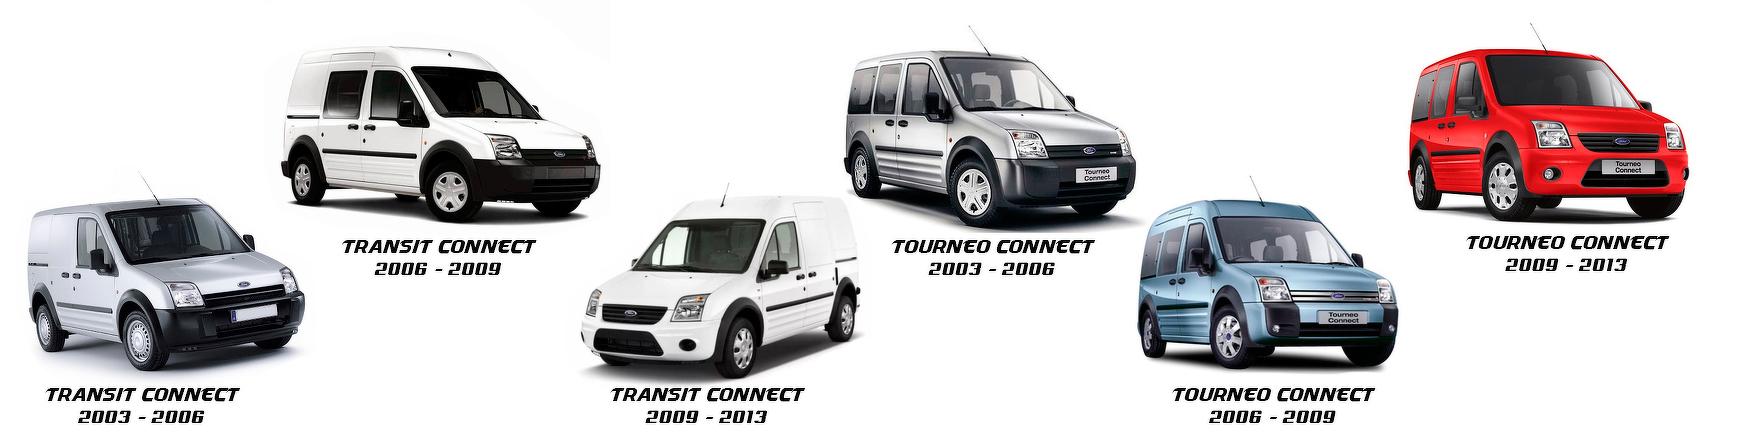 Recambios  y piezas de Ford Tourneo Connect de 2006, 2007, 2008 y 2009